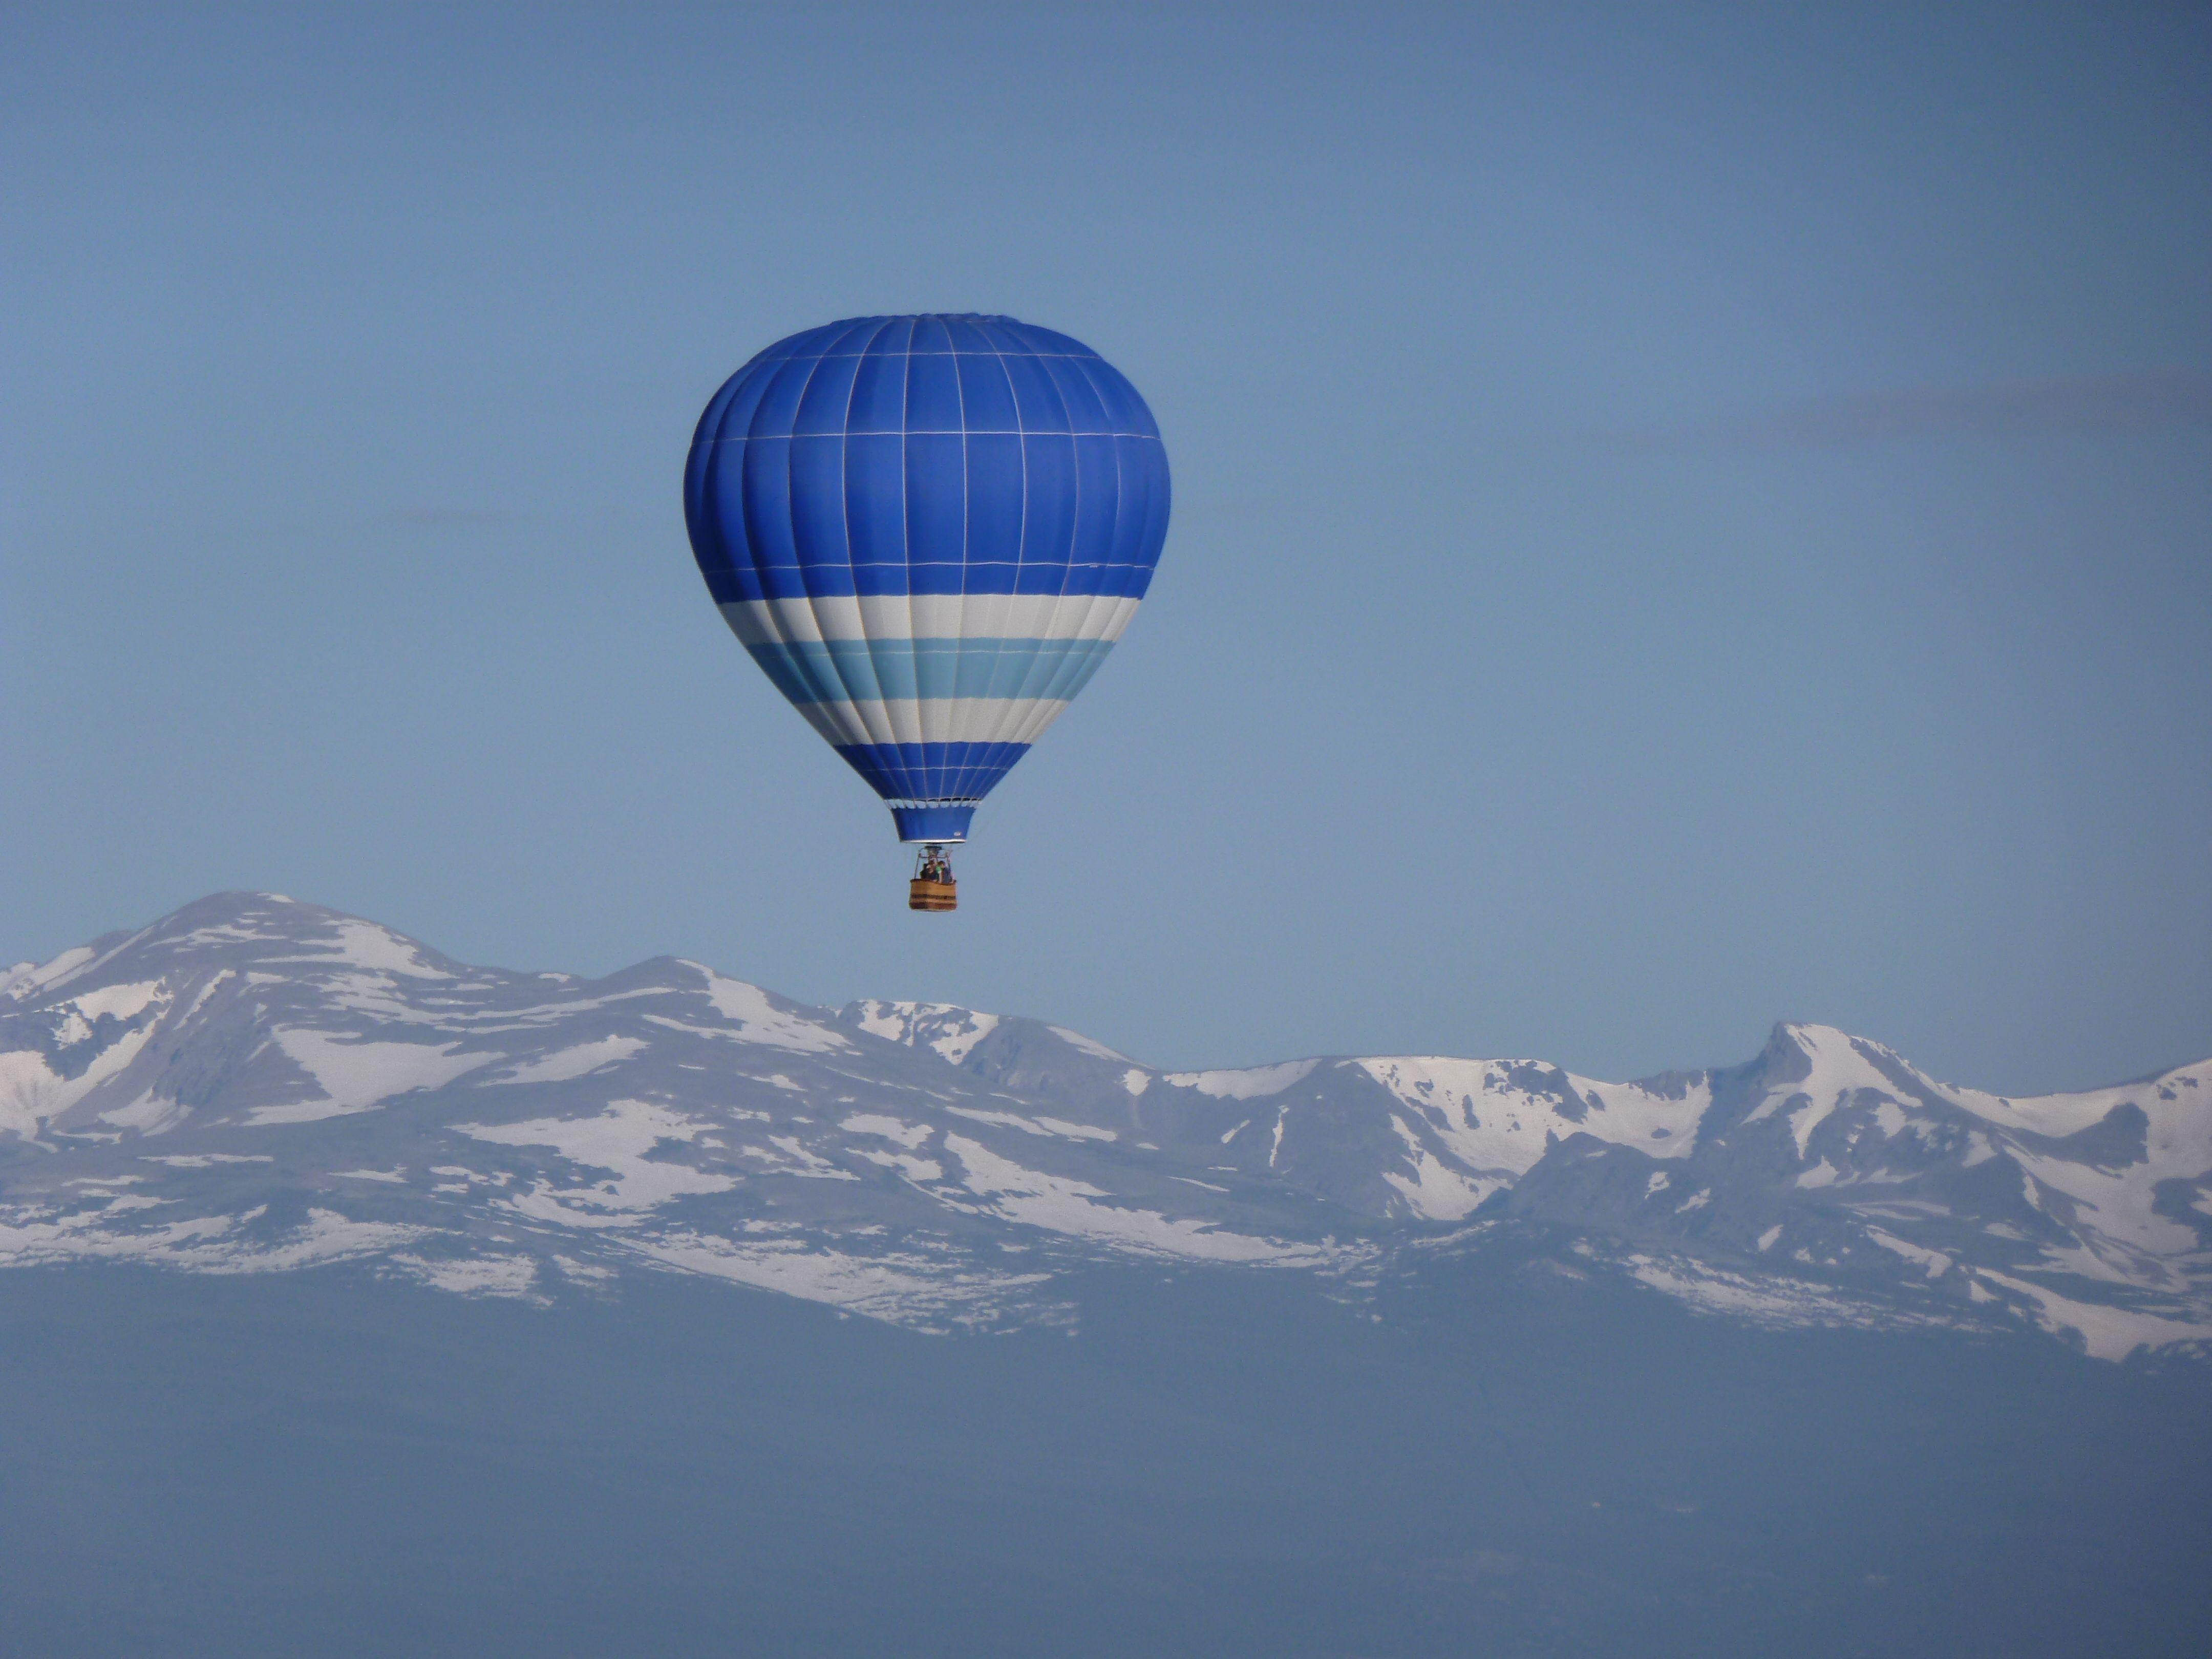 Rocky mountain balloon ride